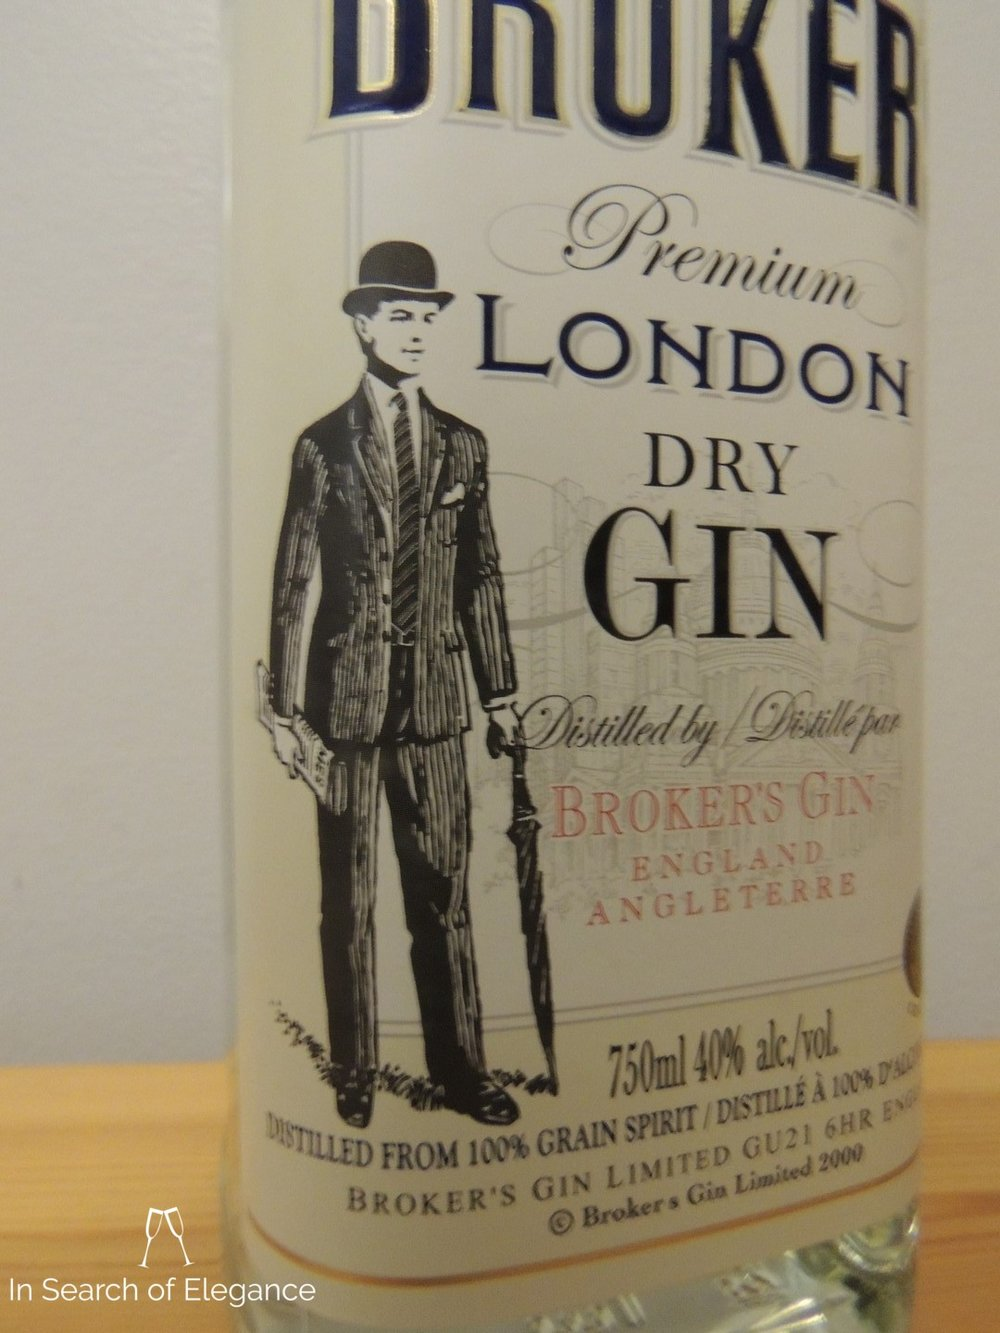 Broker's London Dry.jpg